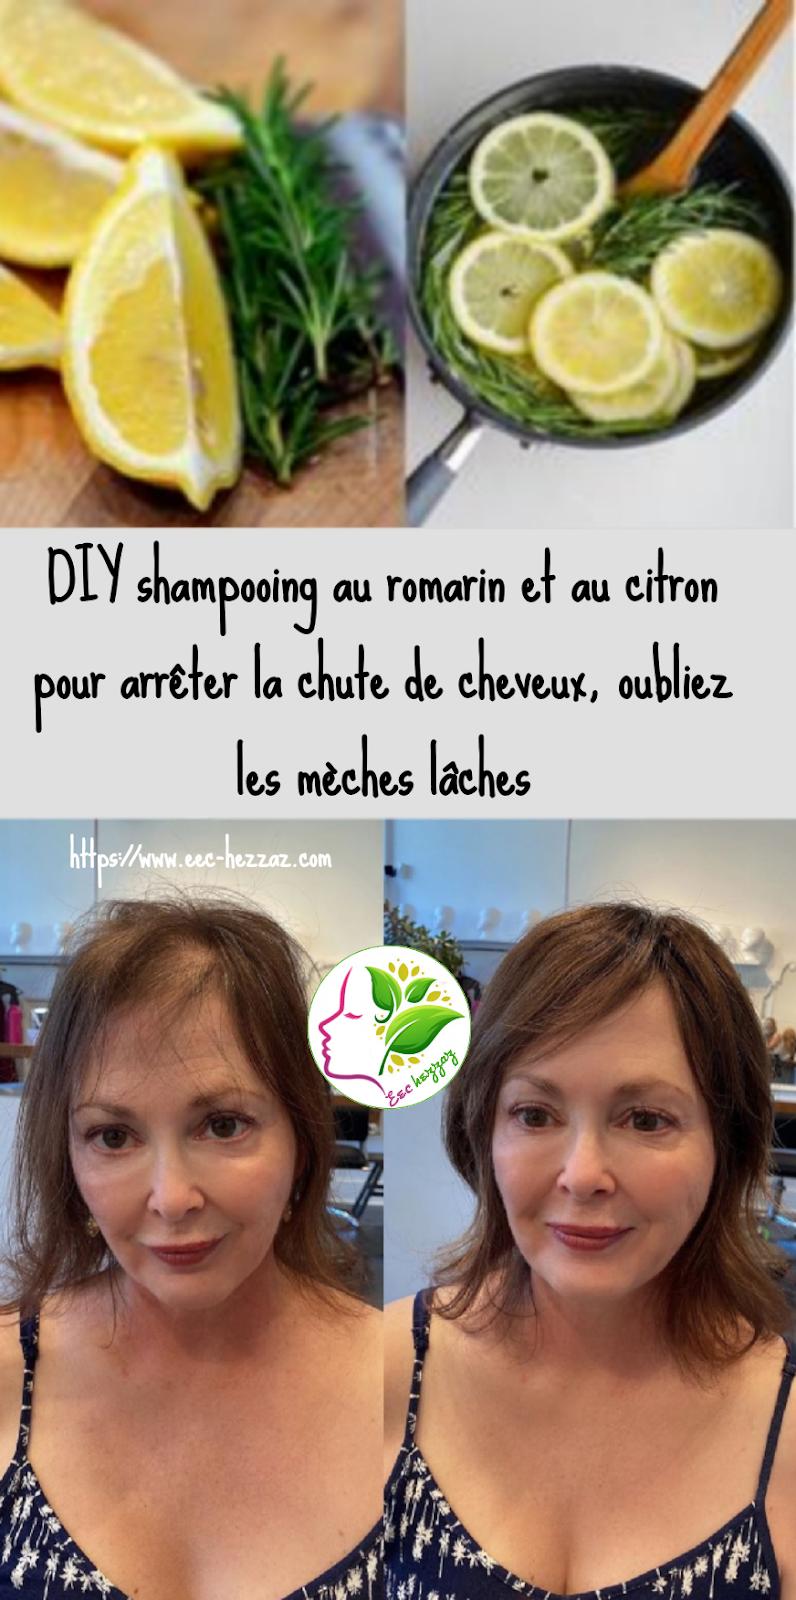 DIY shampooing au romarin et au citron pour arrêter la chute de cheveux, oubliez les mèches lâches